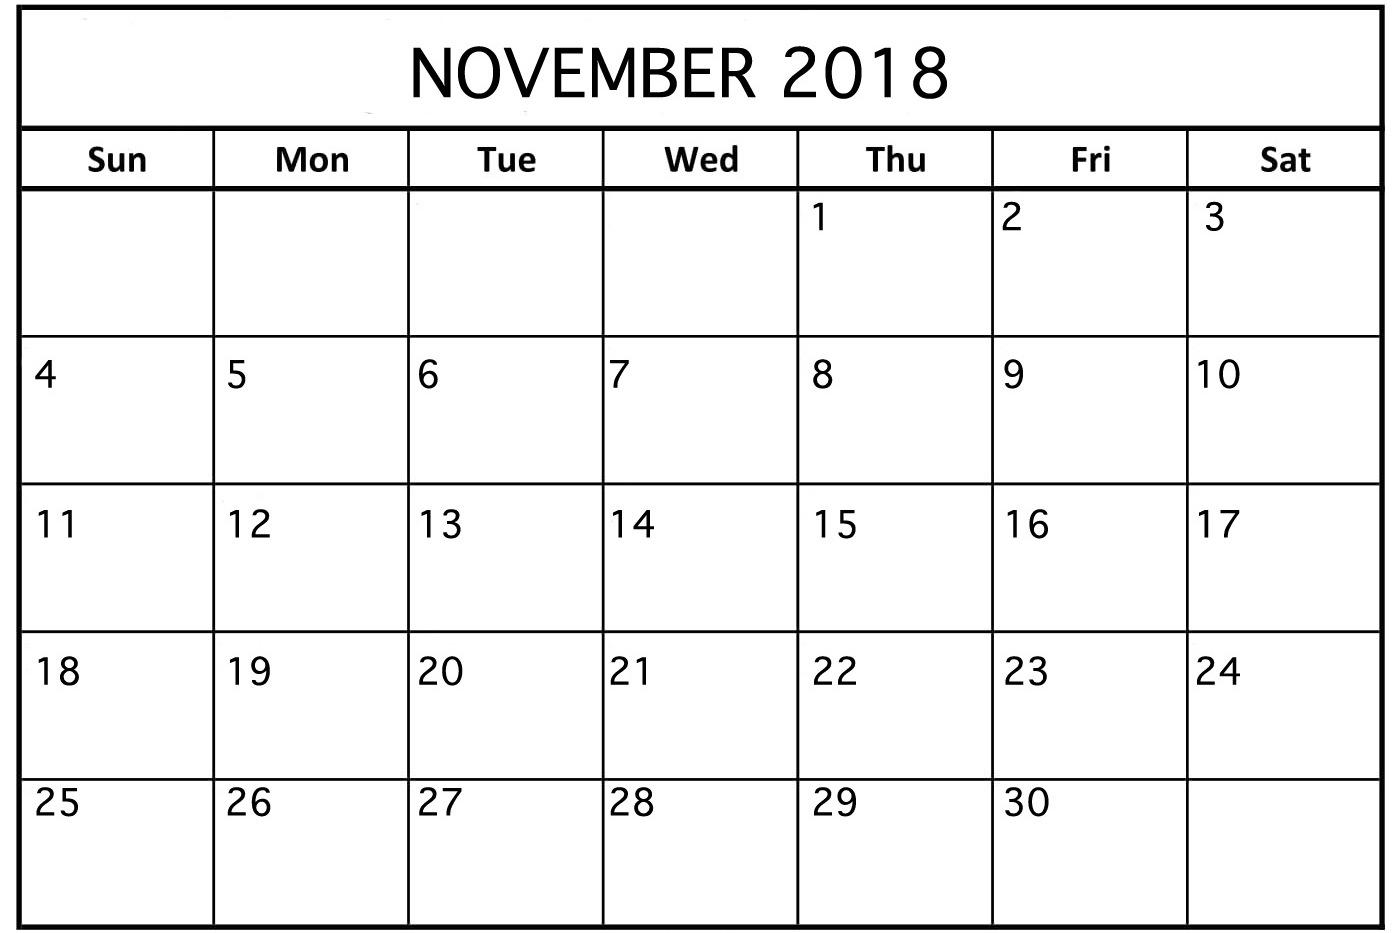 November 2018 Calendar New Zealand Template